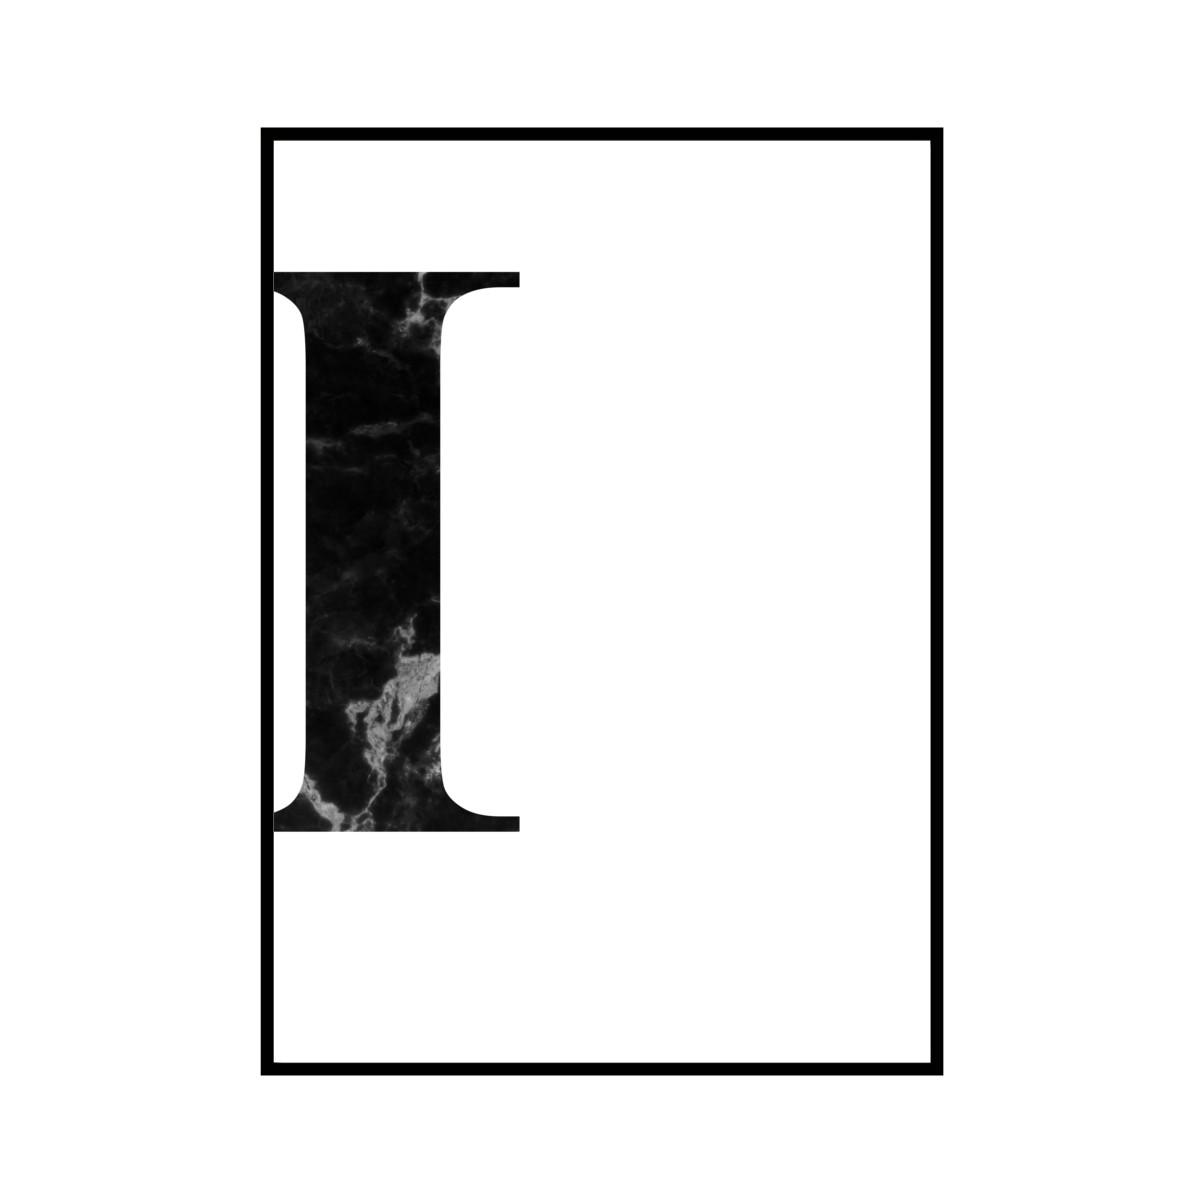 """""""I"""" 黒大理石 - Black marble - ALPHAシリーズ [SD-000510] A1サイズ ポスター単品"""